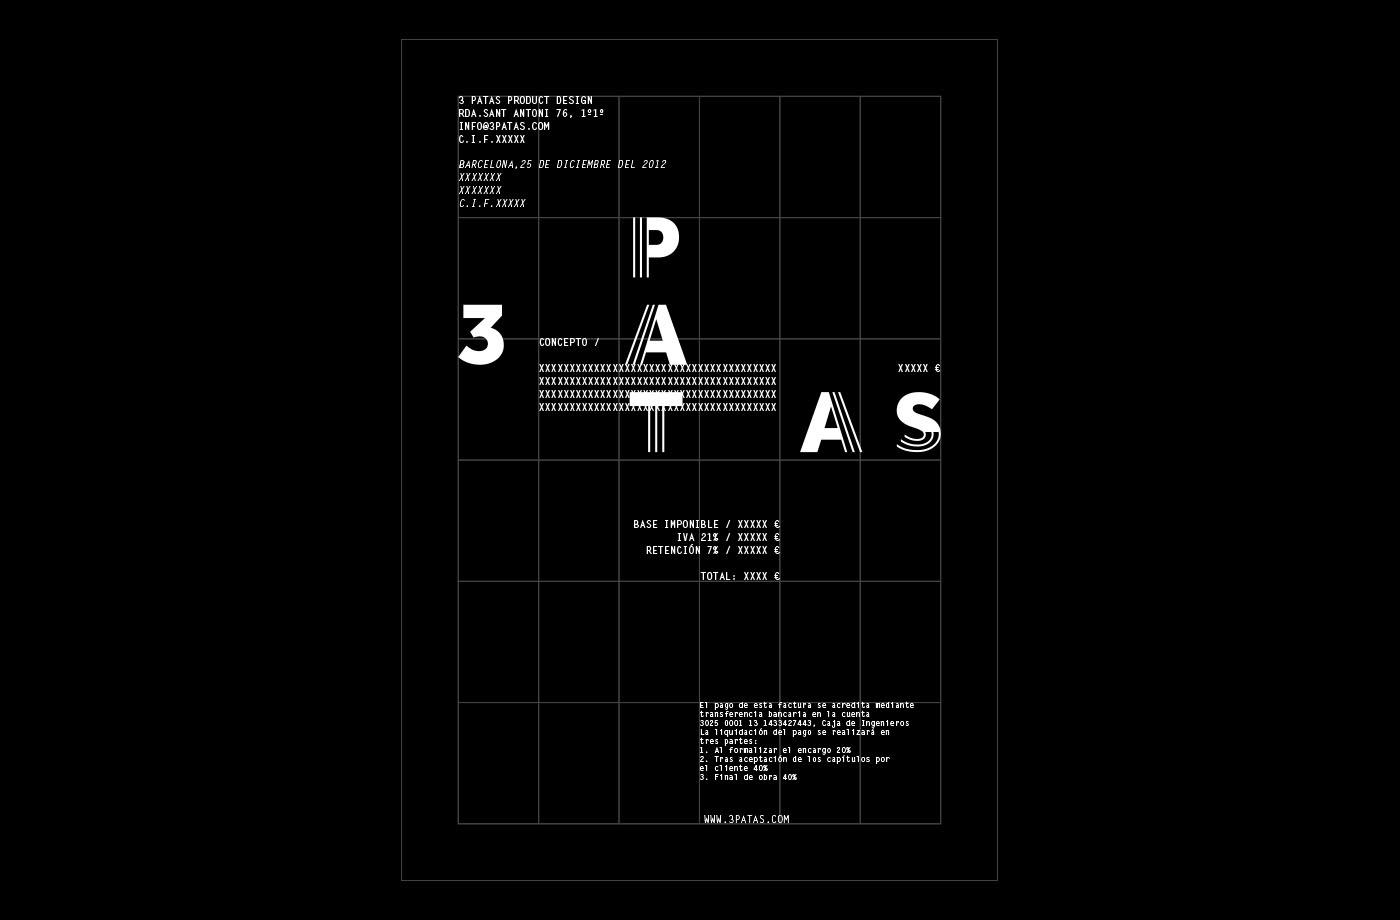 3patas-reticula-factura-01